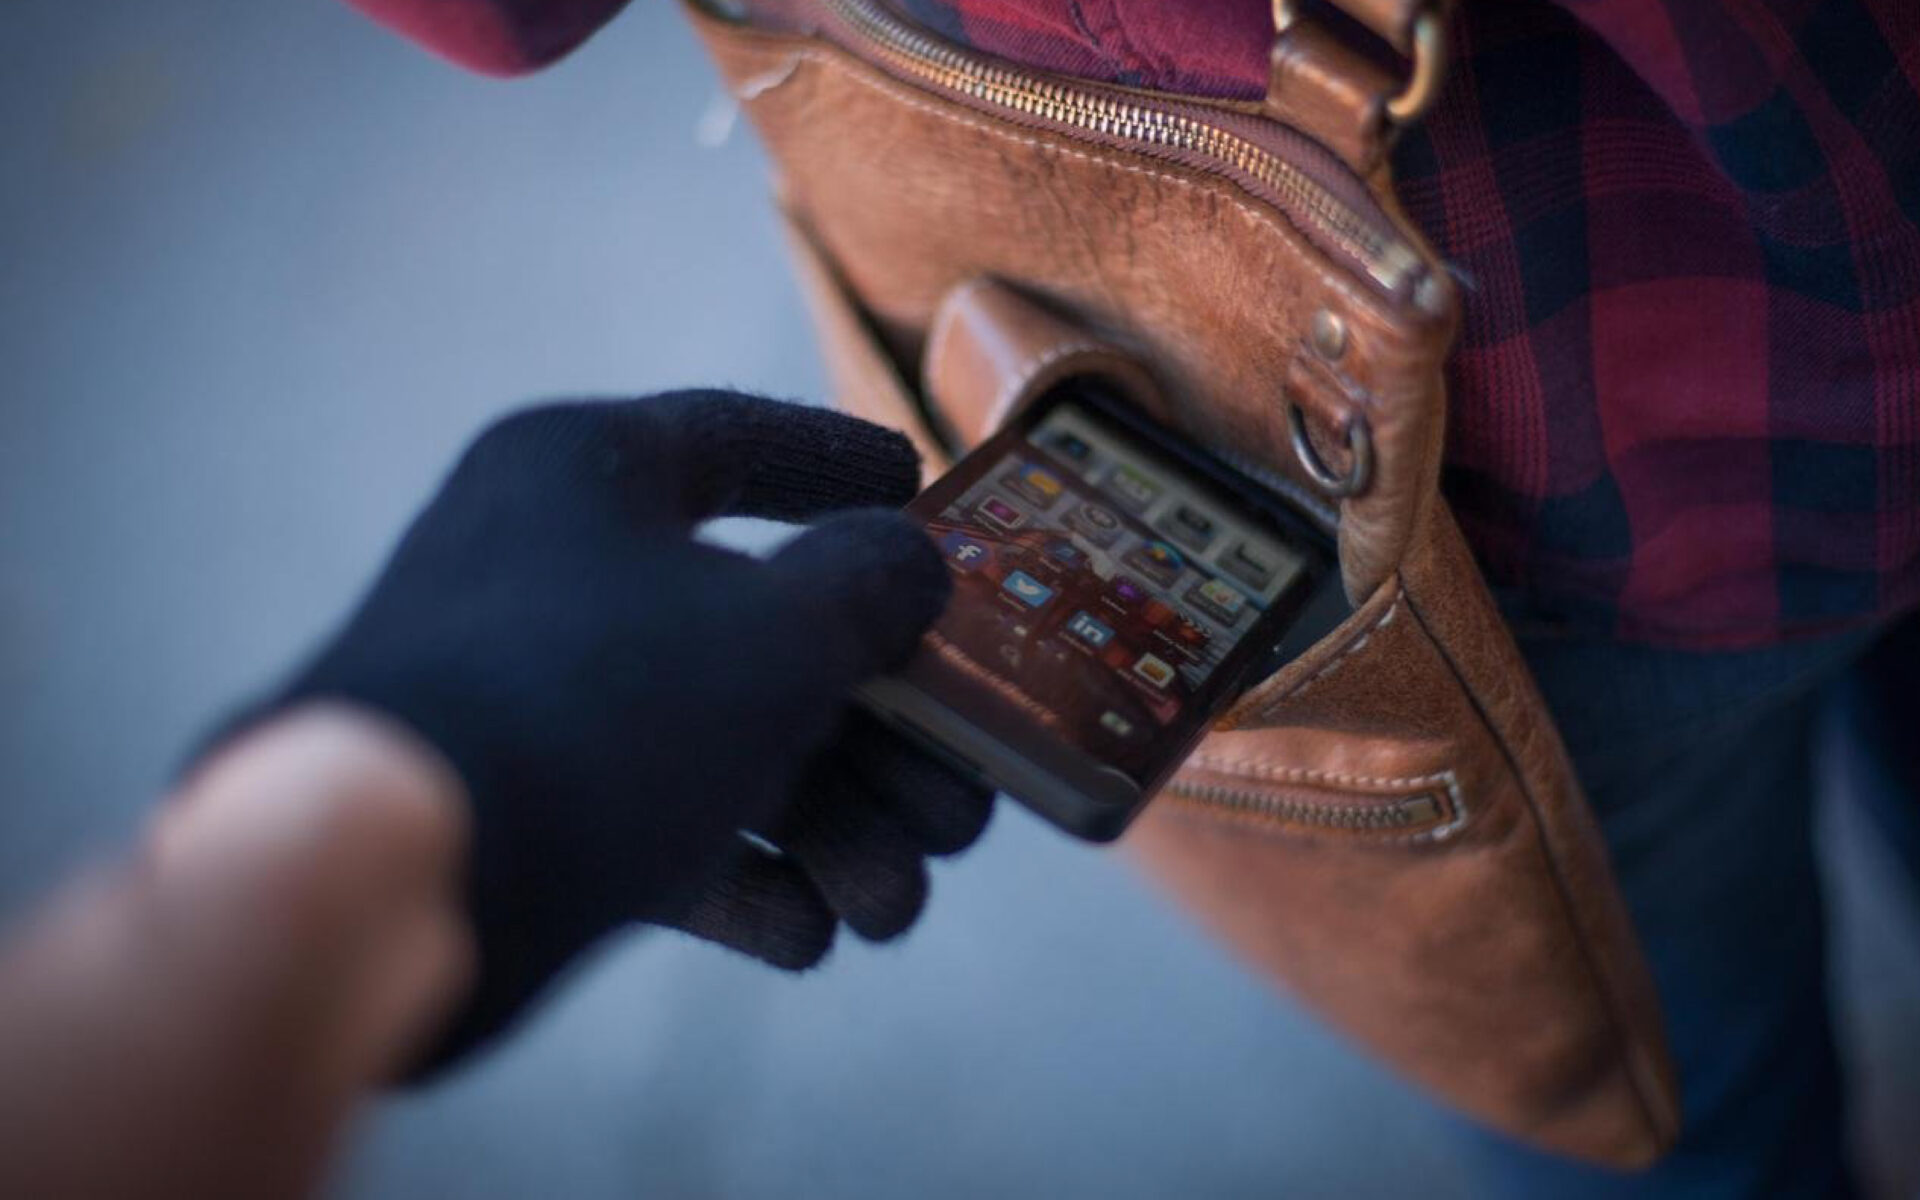 Сотрудниками уголовного розыска полиции Югорска установлен подозреваемый в краже телефона